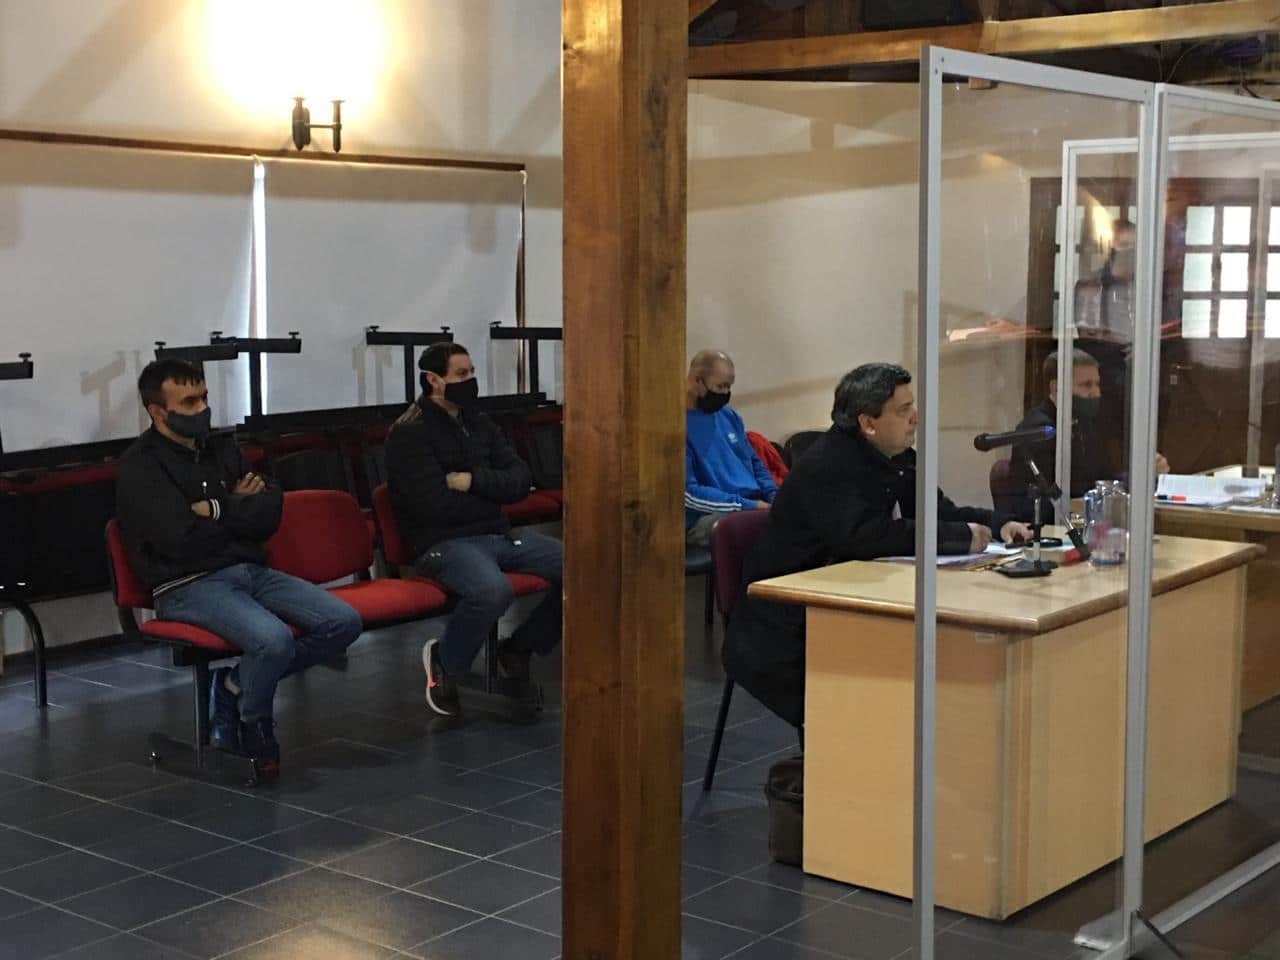 Comenzó juicio en Ushuaia a sospechosos de dos asaltos a mano armada